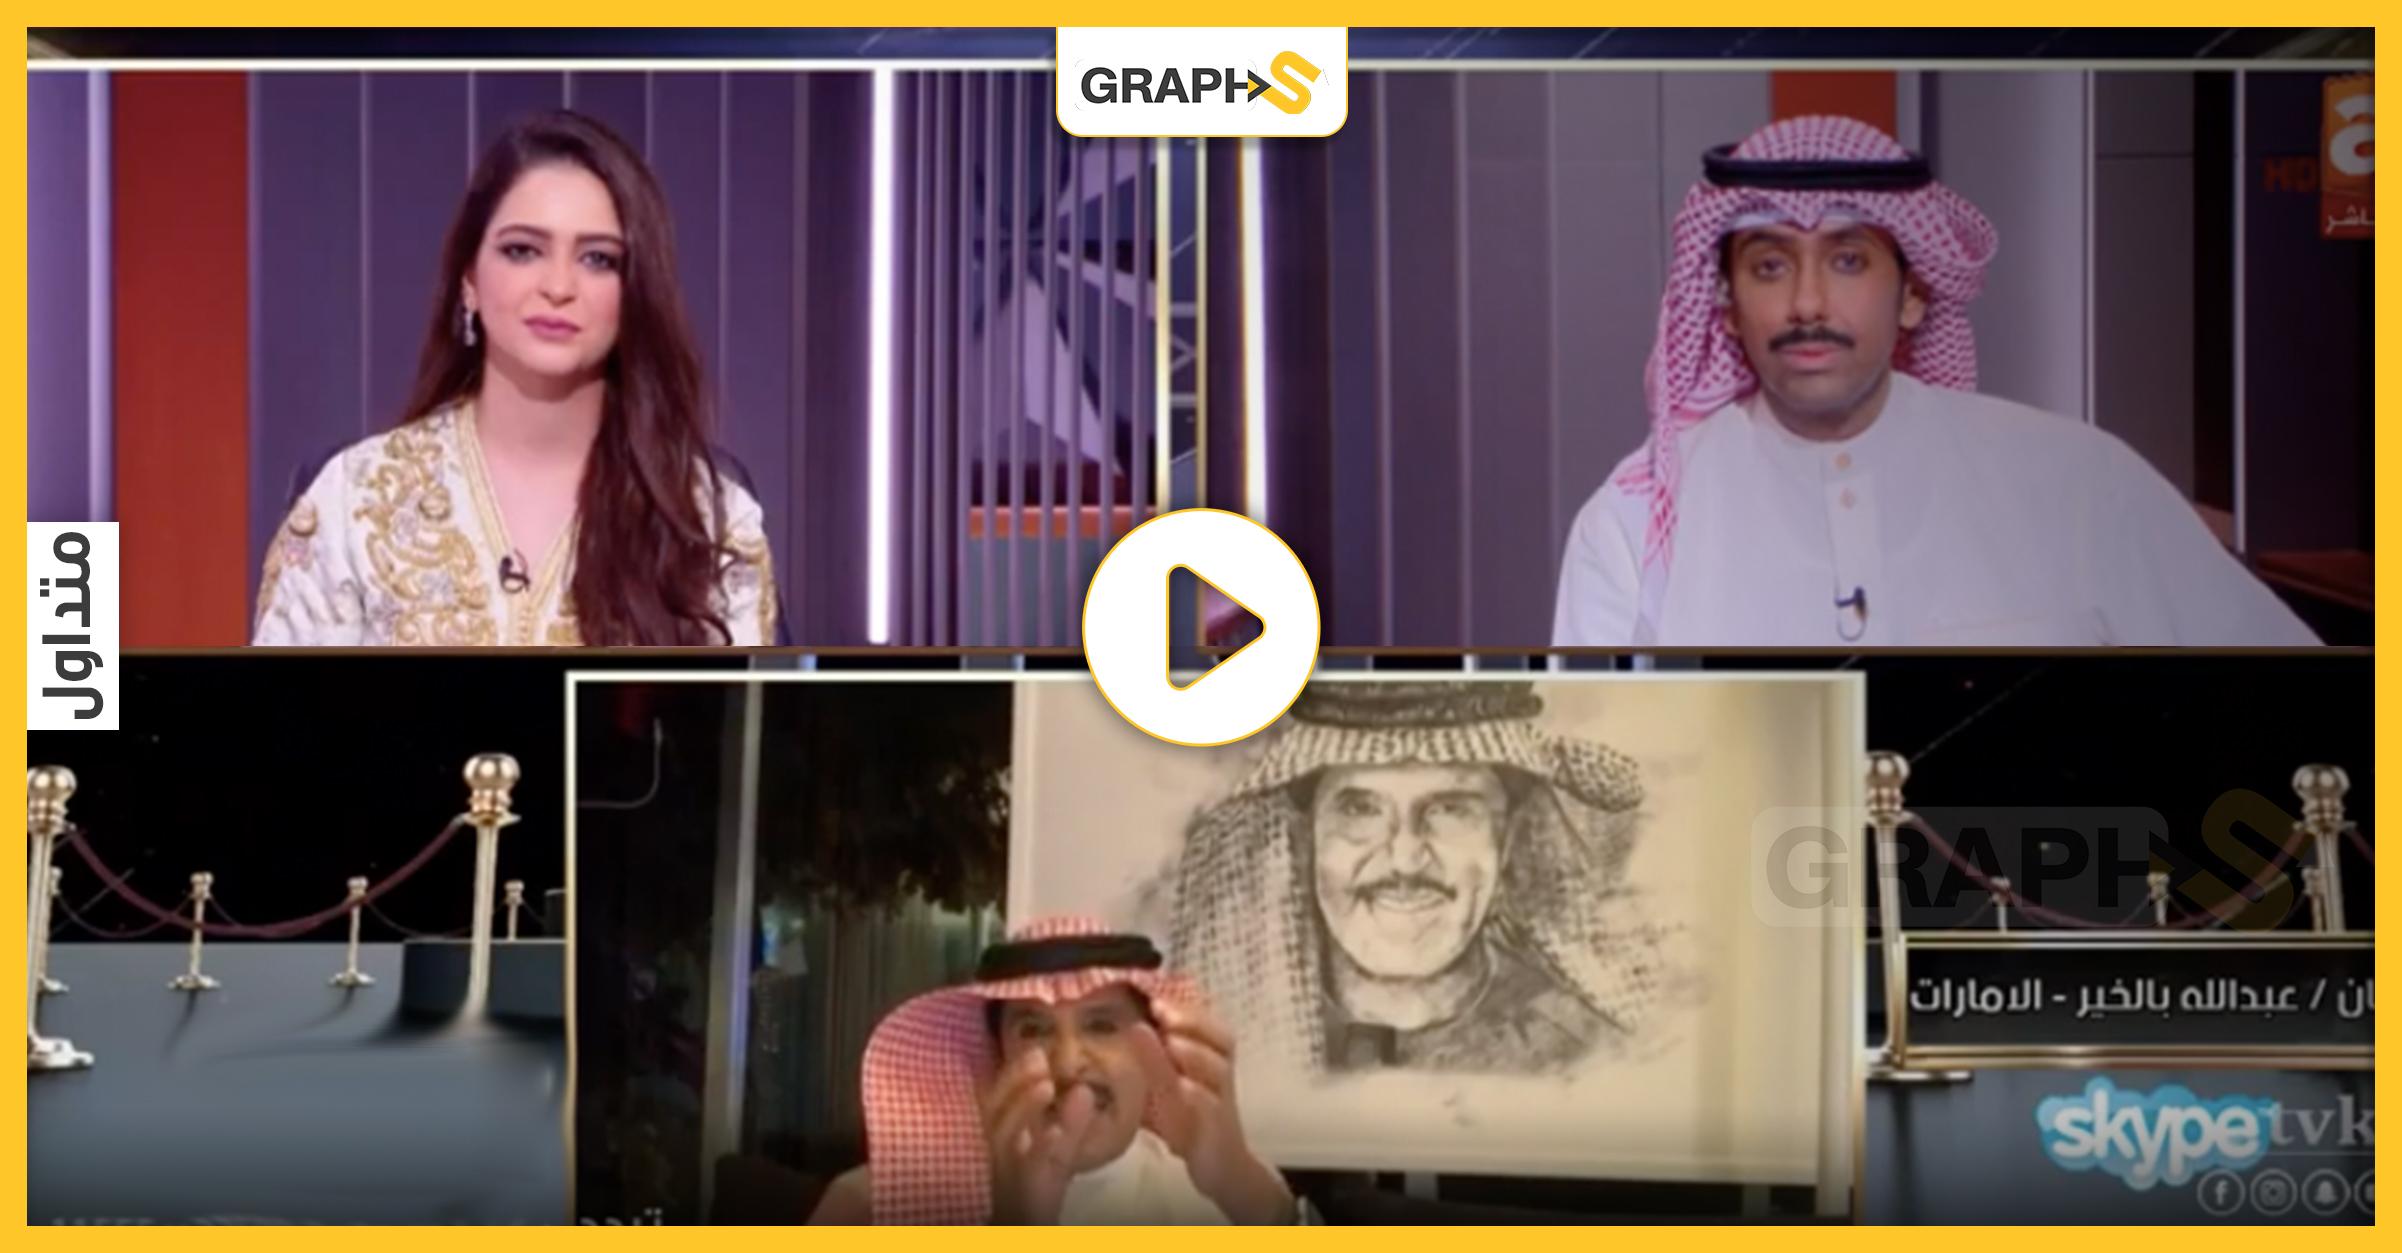 بالفيديو الفنان عبدالله بالخير يحدد مواصفات زوجته ويقول لن أرضى بأقل من هيفاء وهبي Step Video Graph